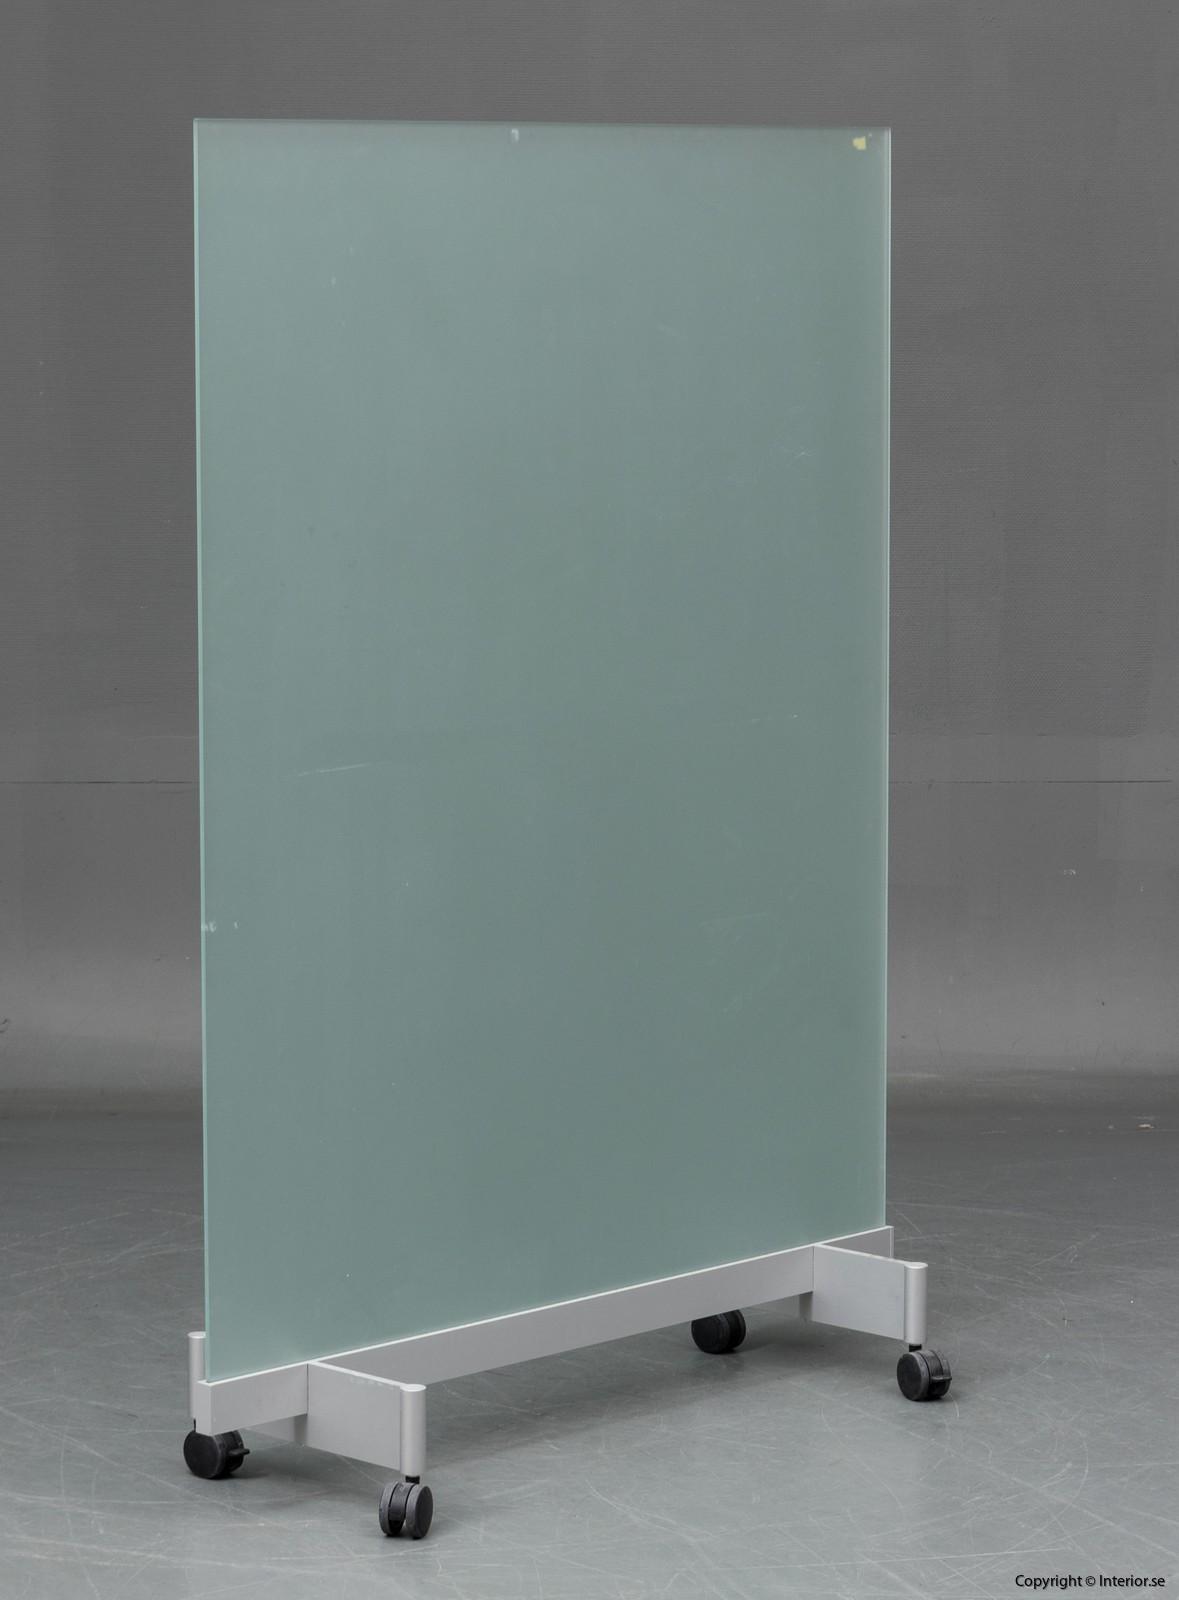 BORKS, flyttbara golvskärmväggar rumsavdelare glas och med hjul BORKS, Room Divider Space Divider with glass and casters